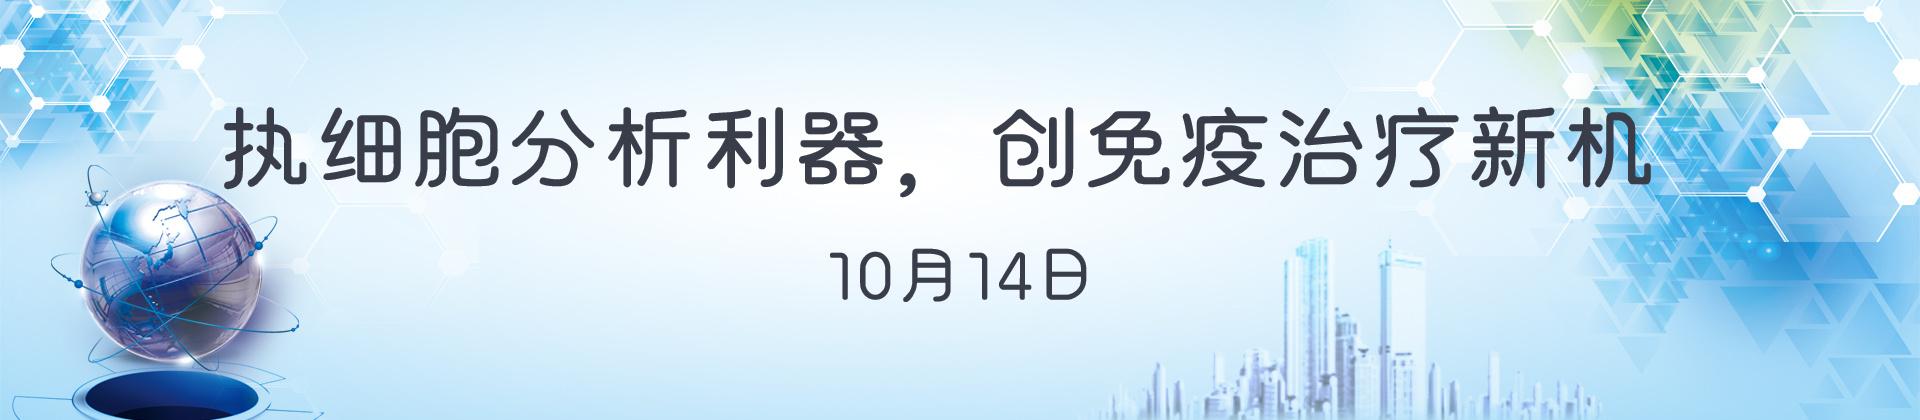 时时彩网上投注pa114.com